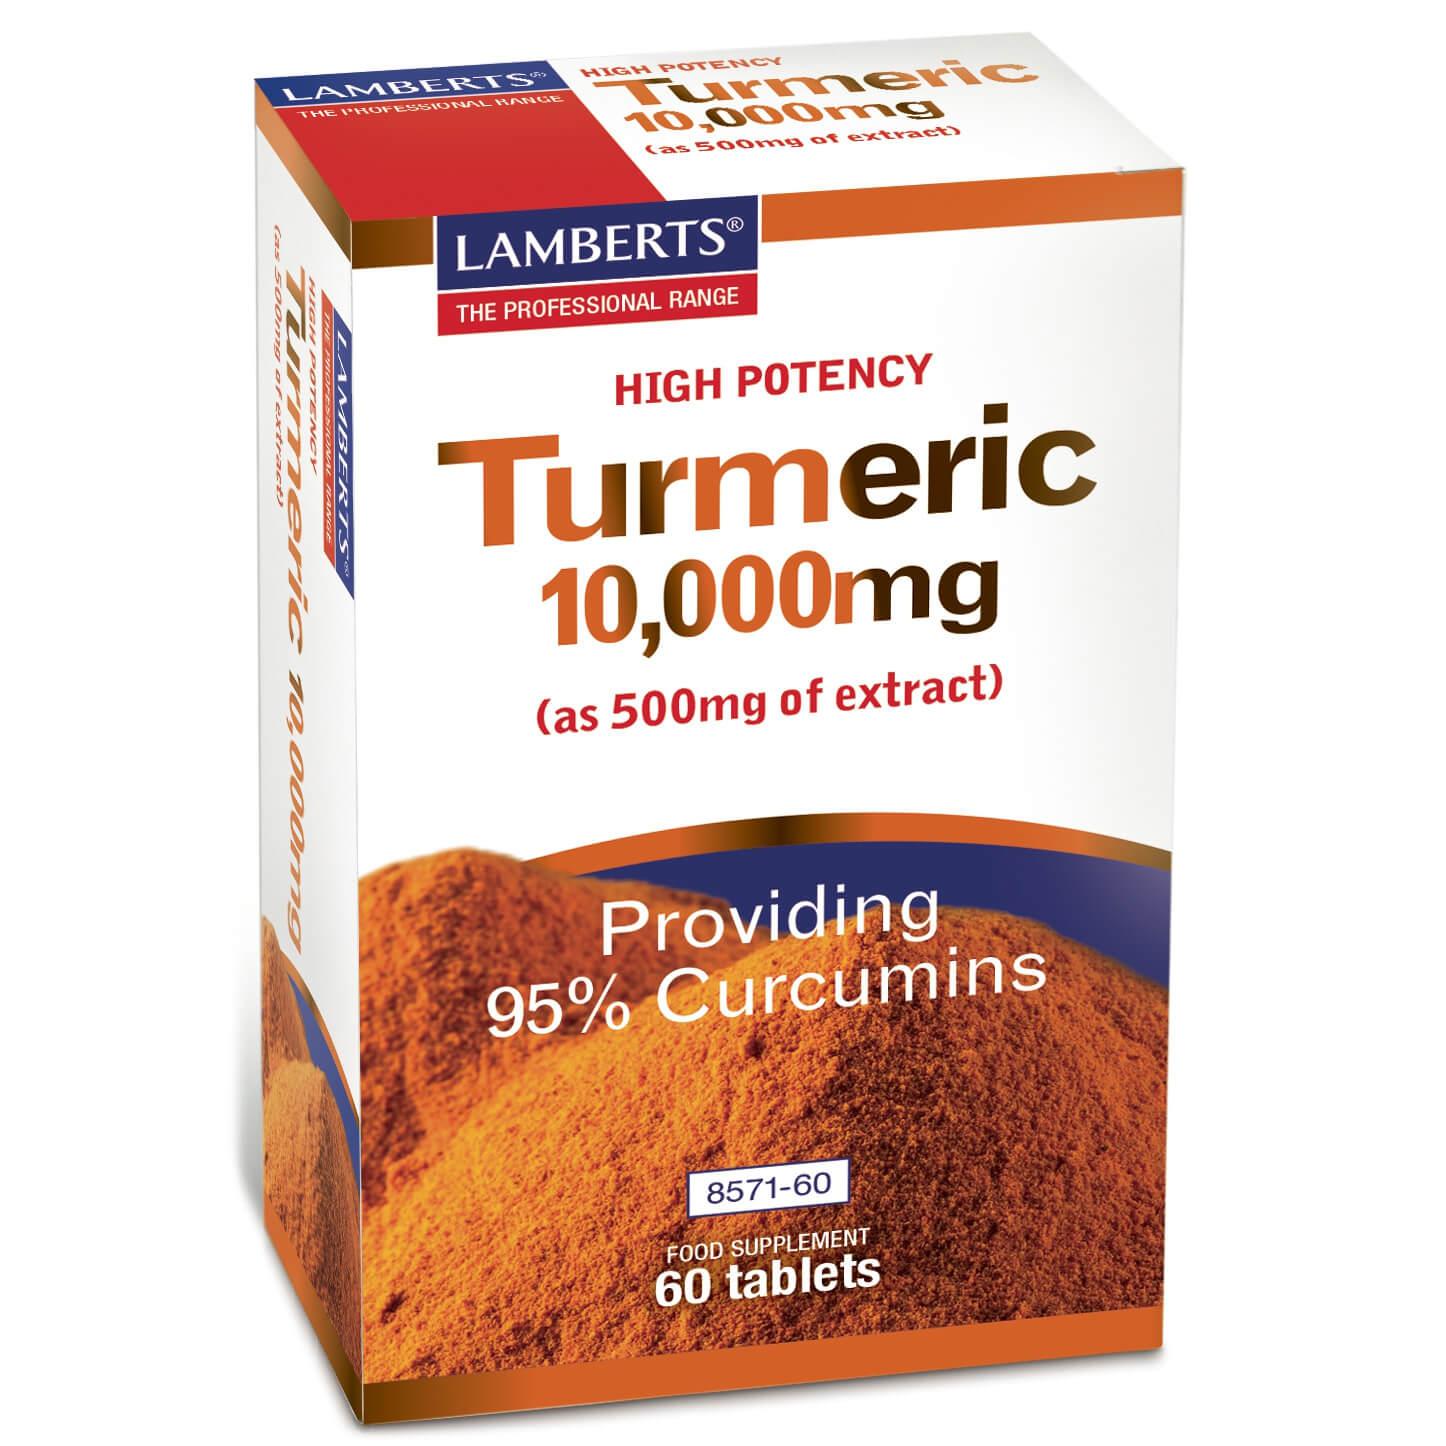 Lamberts Turmeric Κουρκουμίνη 10000mg 60 tabs